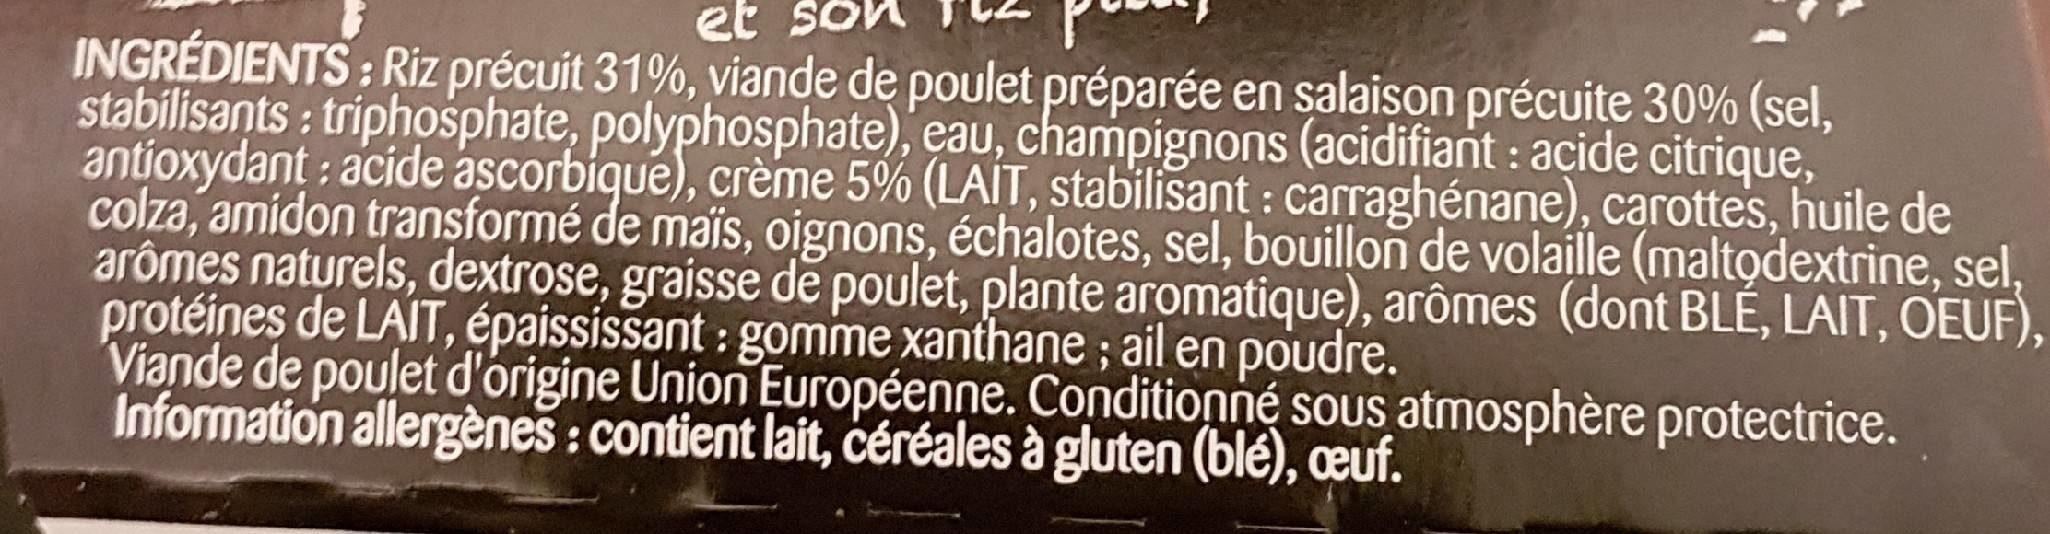 Suprême de Poulet & son Riz pilaf - Ingrédients - fr